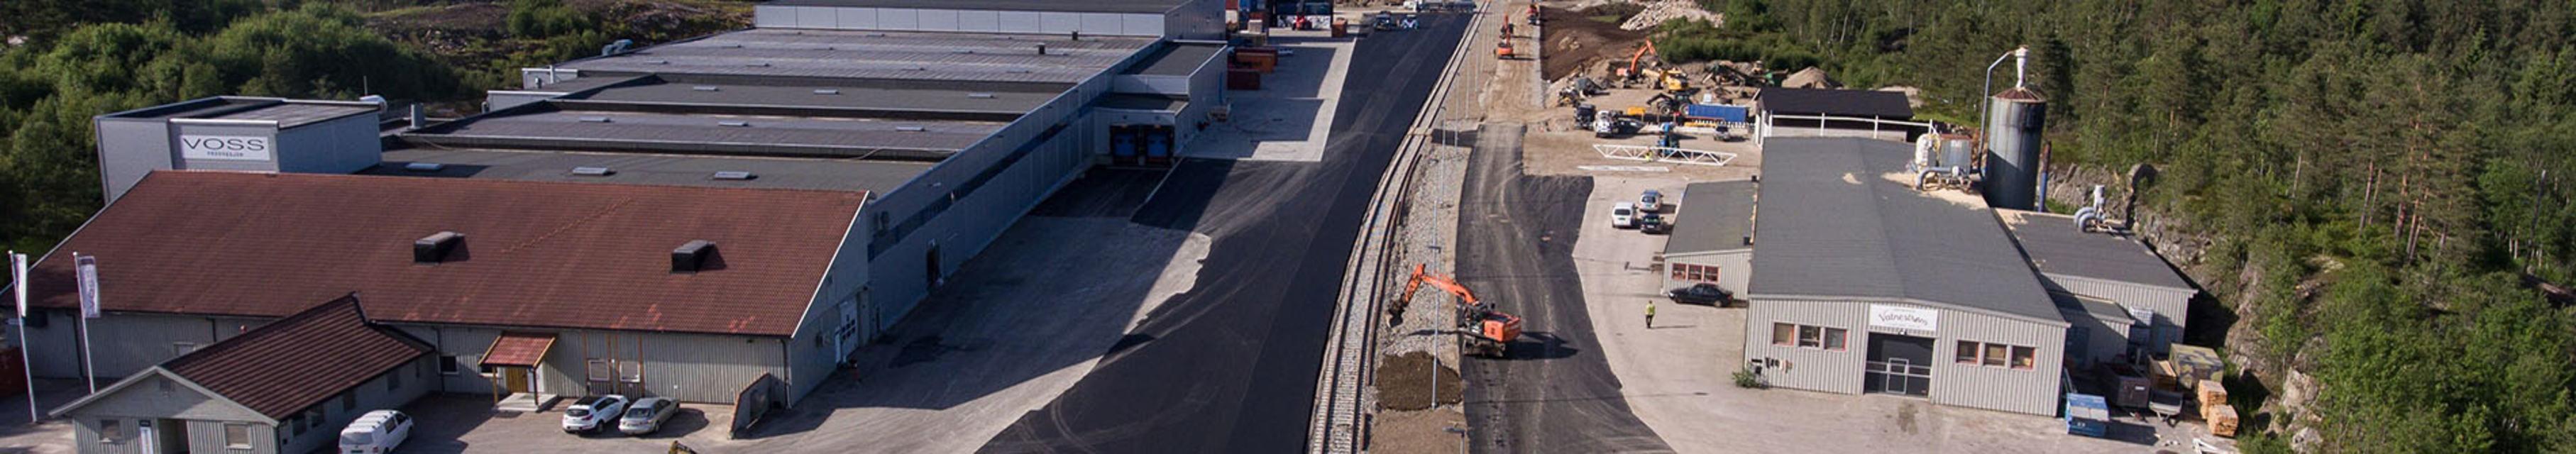 Vatnestrøm industriområde med jernbane helt frem